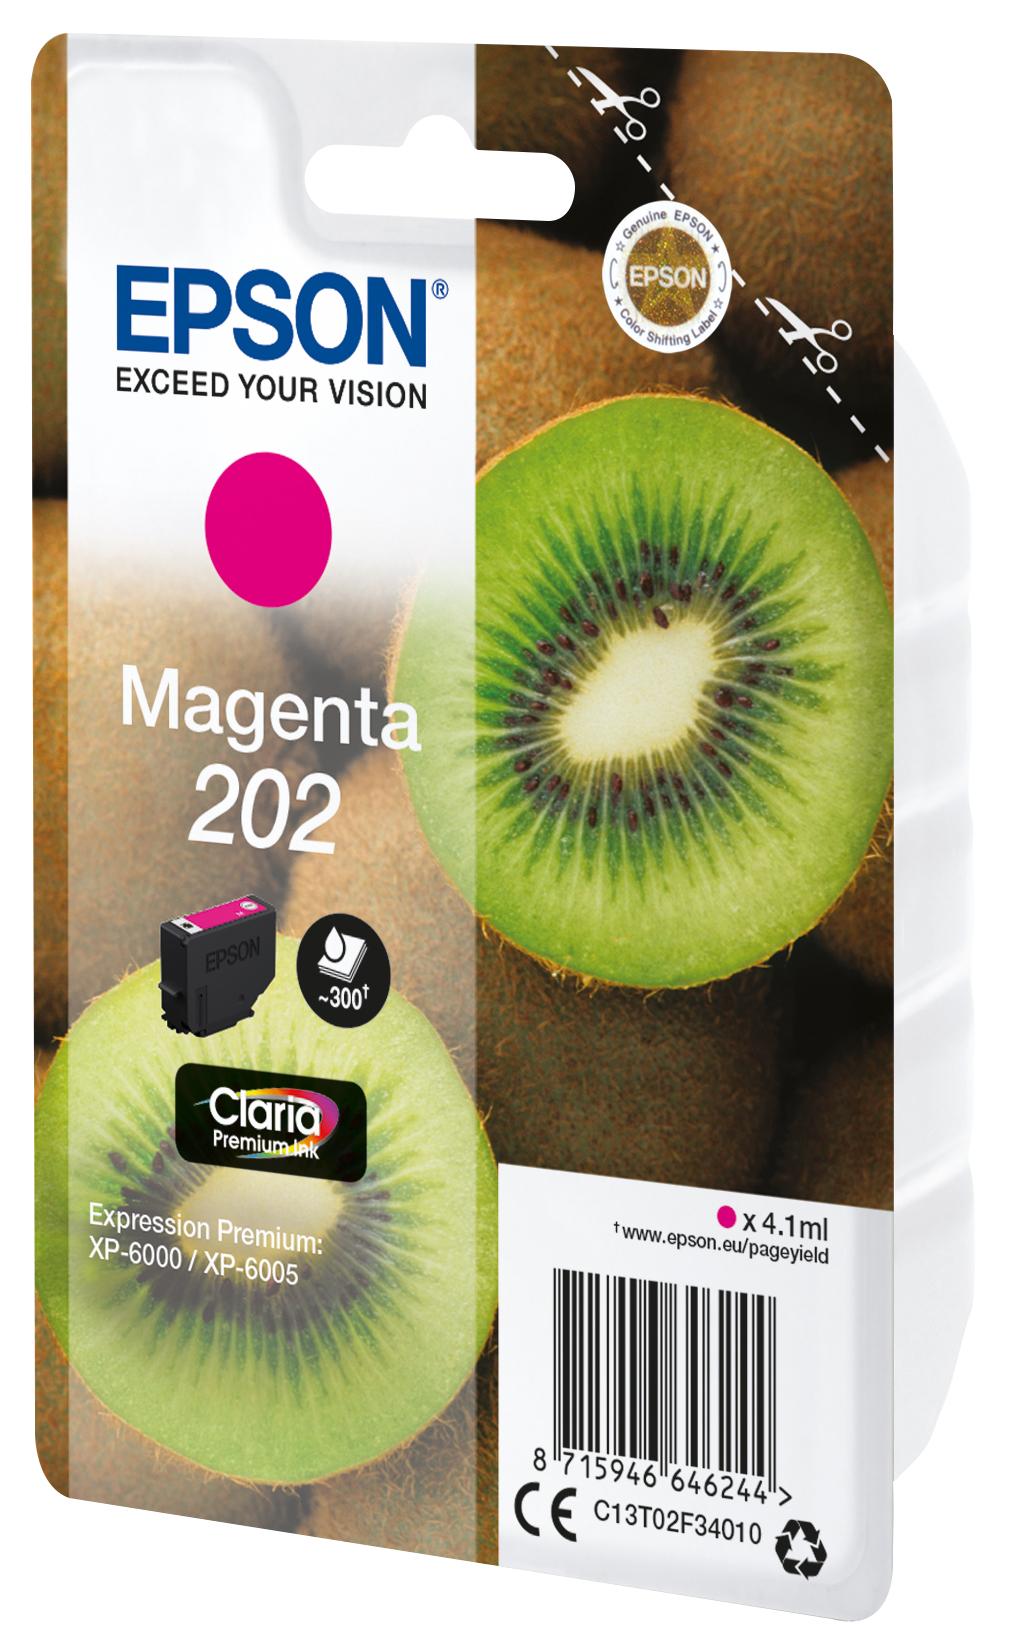 Epson-C13T02F34020-Kiwi-Singlepack-Magenta-202-Claria-Premium-Ink-Original thumbnail 3